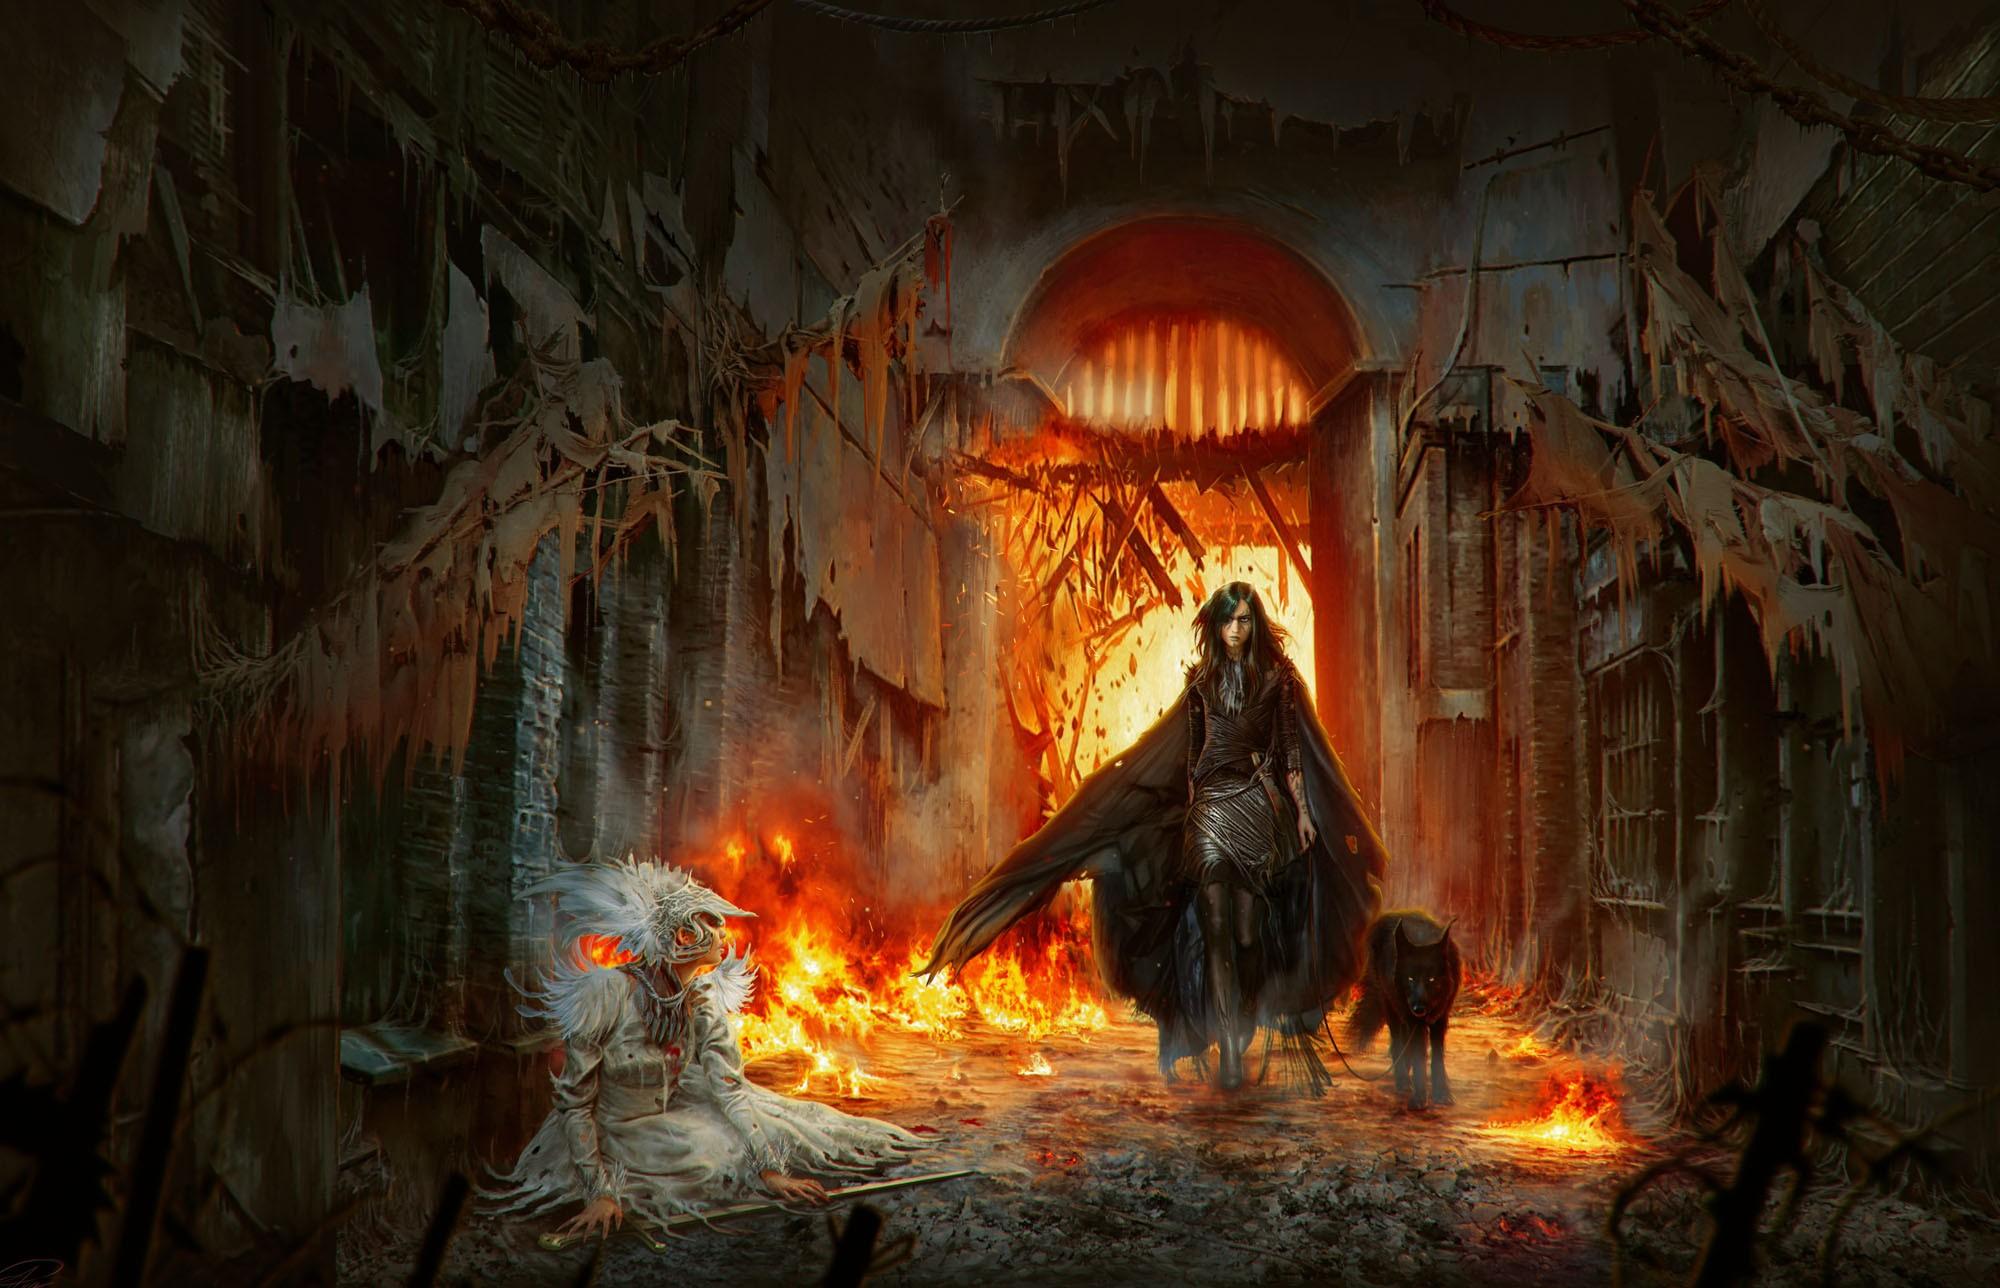 Wallpaper Fantasy Art Deviantart Fire Screenshot